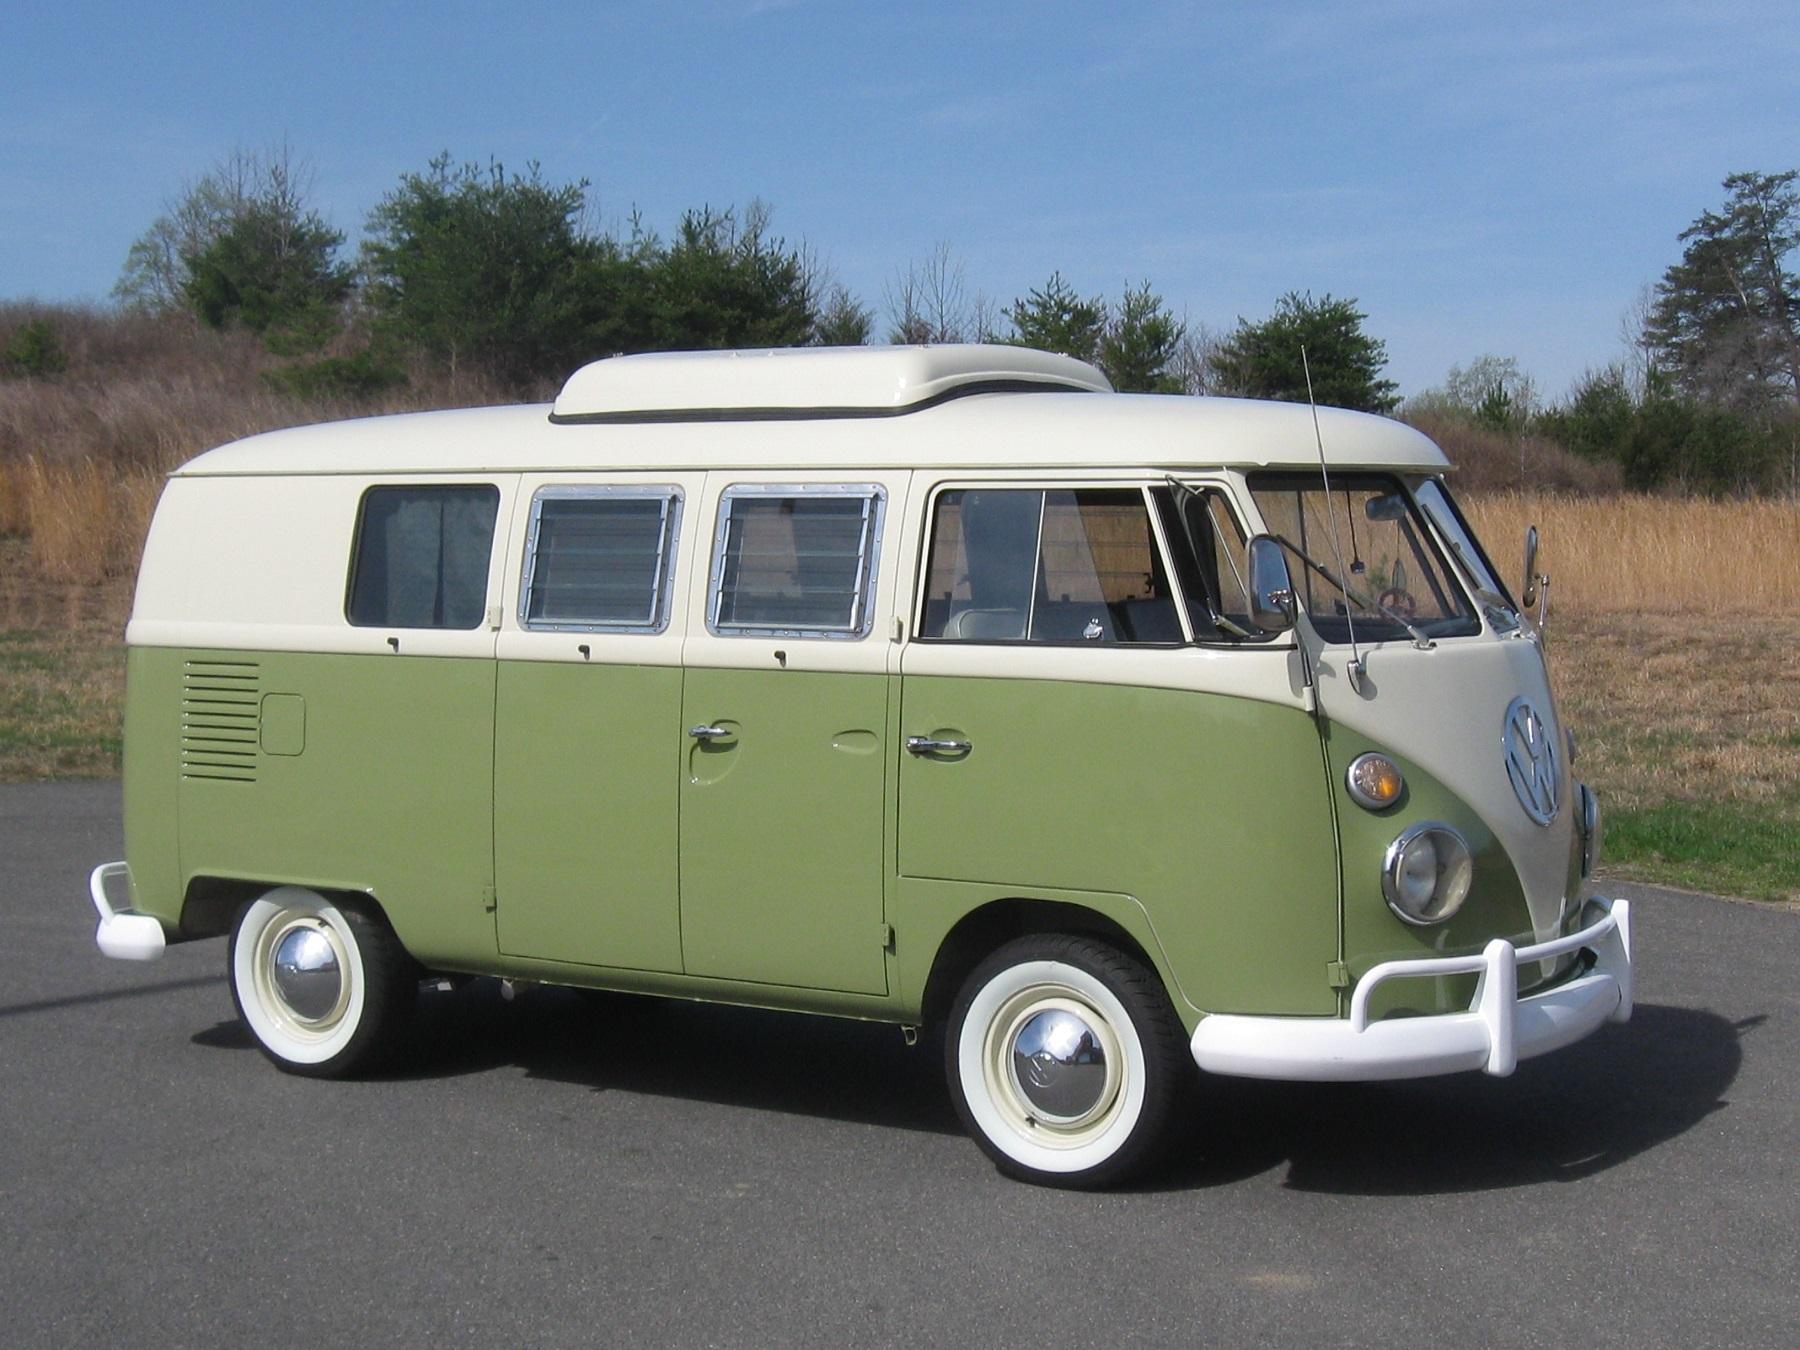 1967 volkswagen westfalia family camper. Black Bedroom Furniture Sets. Home Design Ideas